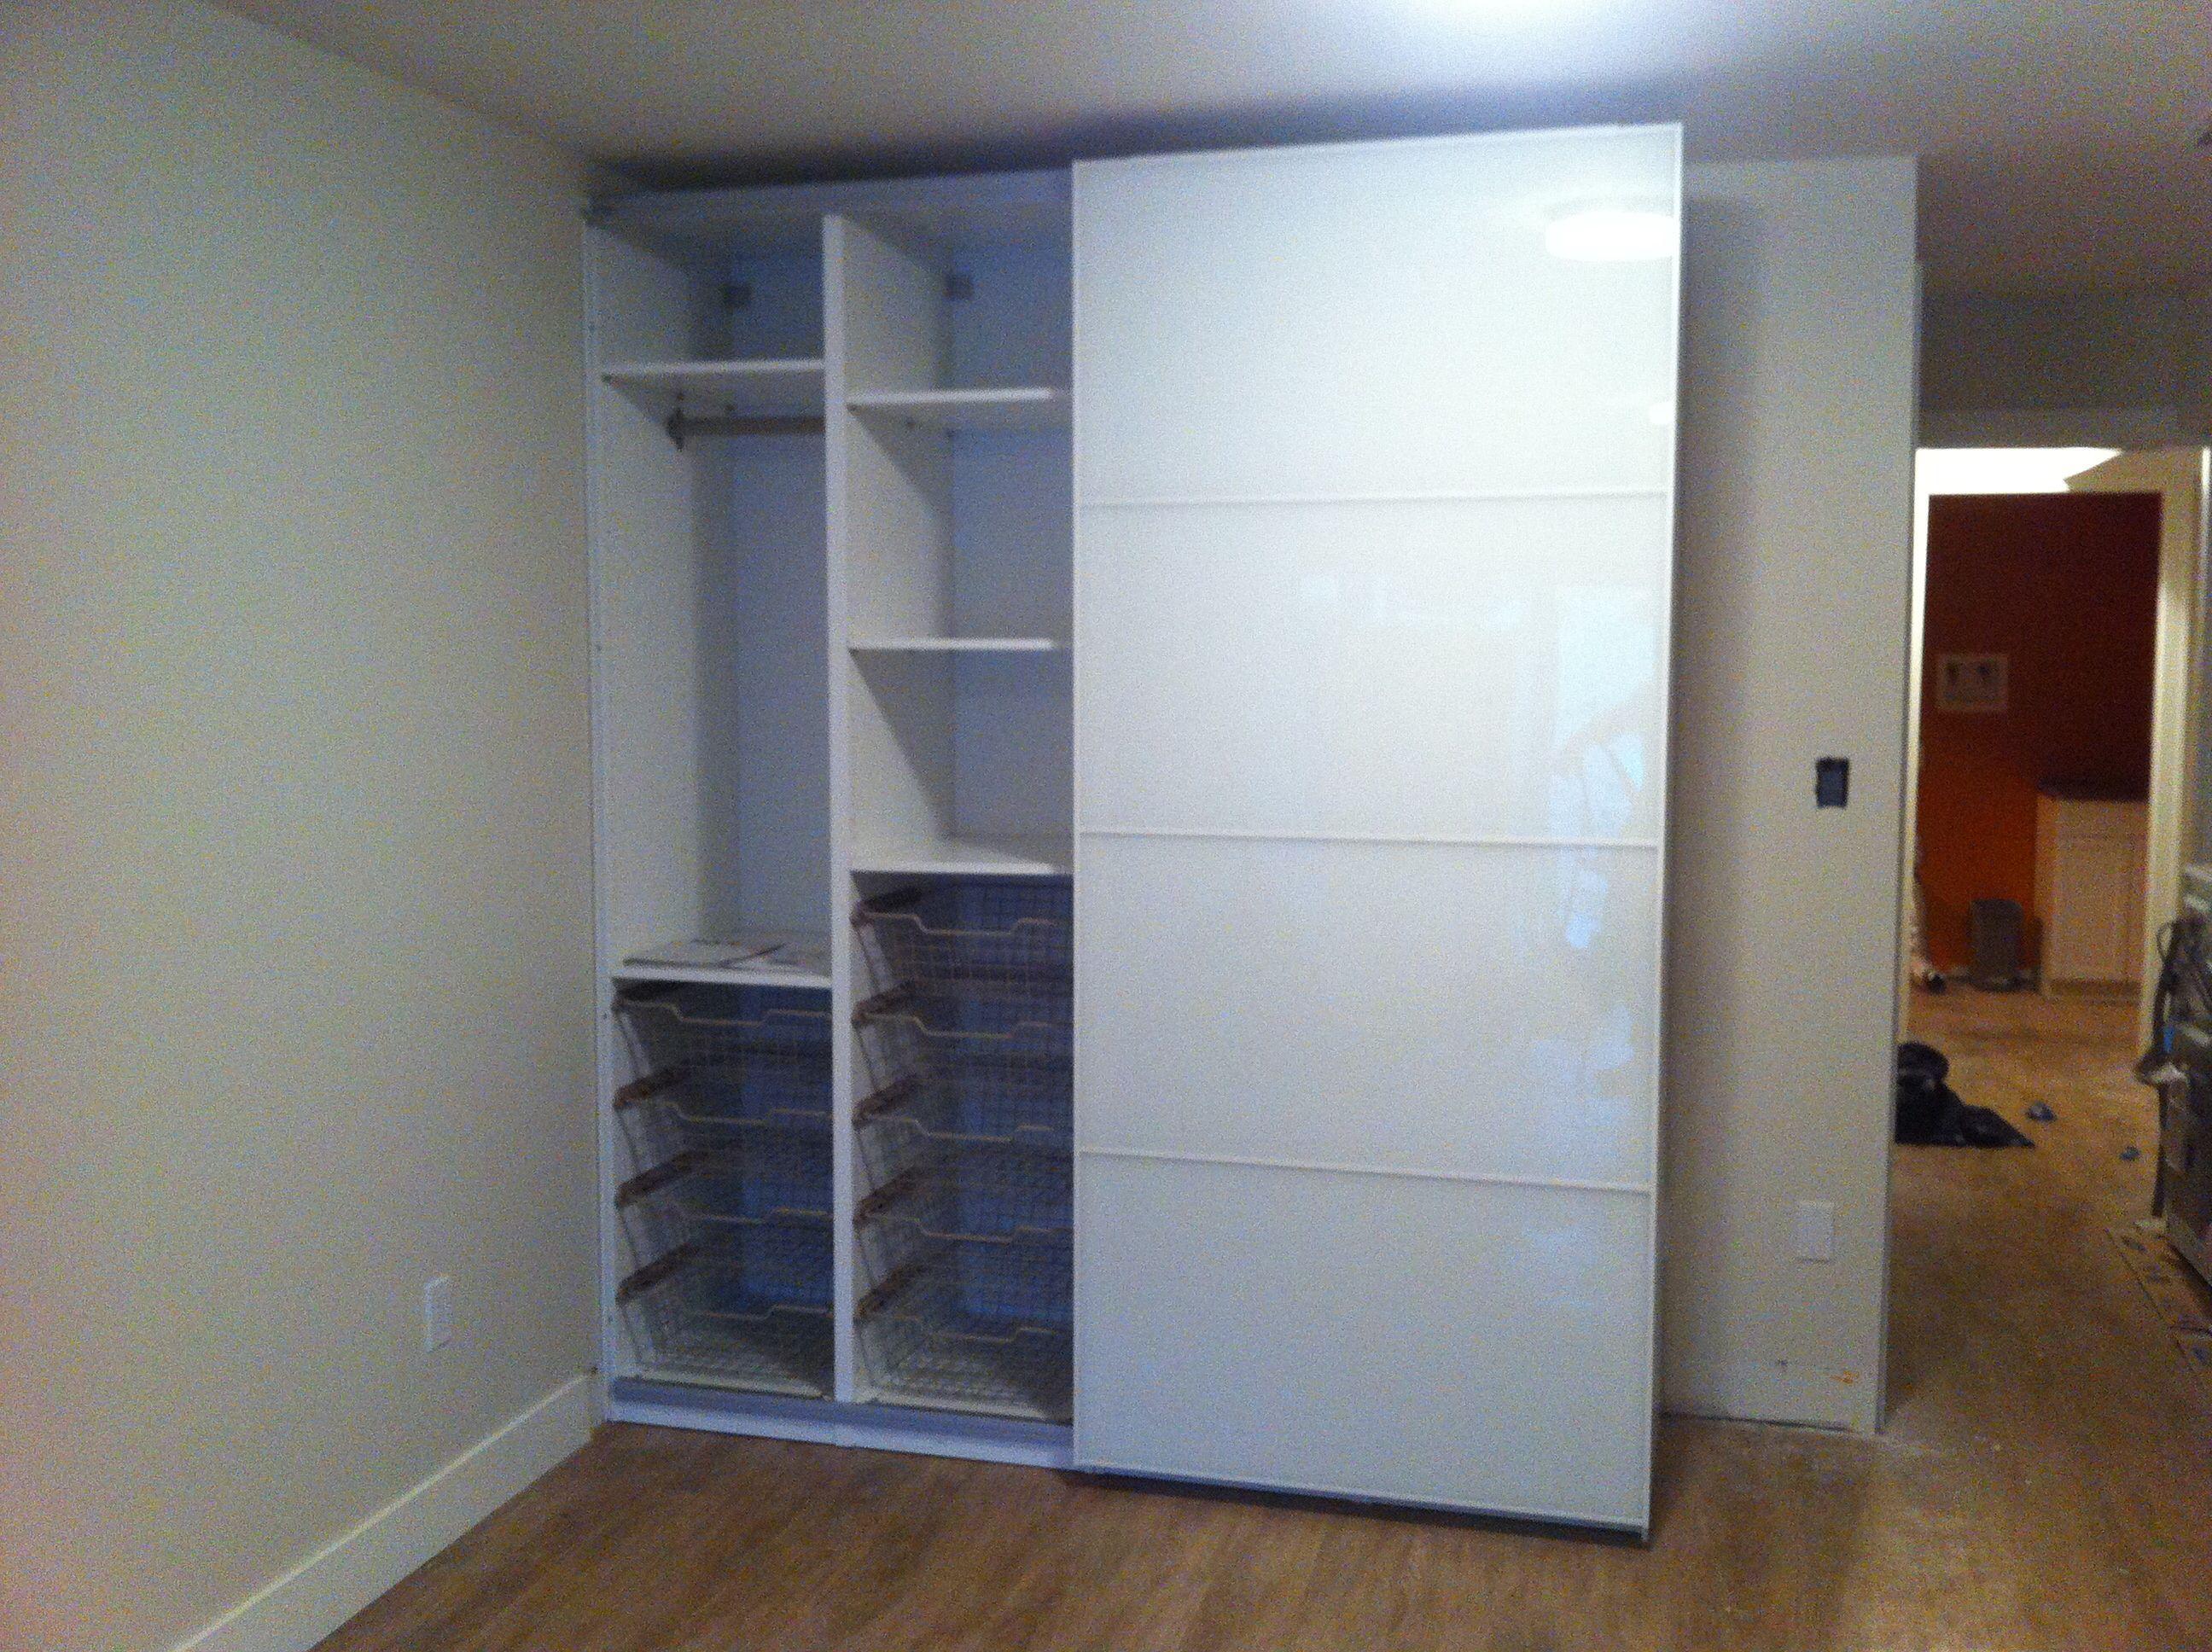 Ikea pax wardrobe, ikea pax and pax wardrobe on pinterest